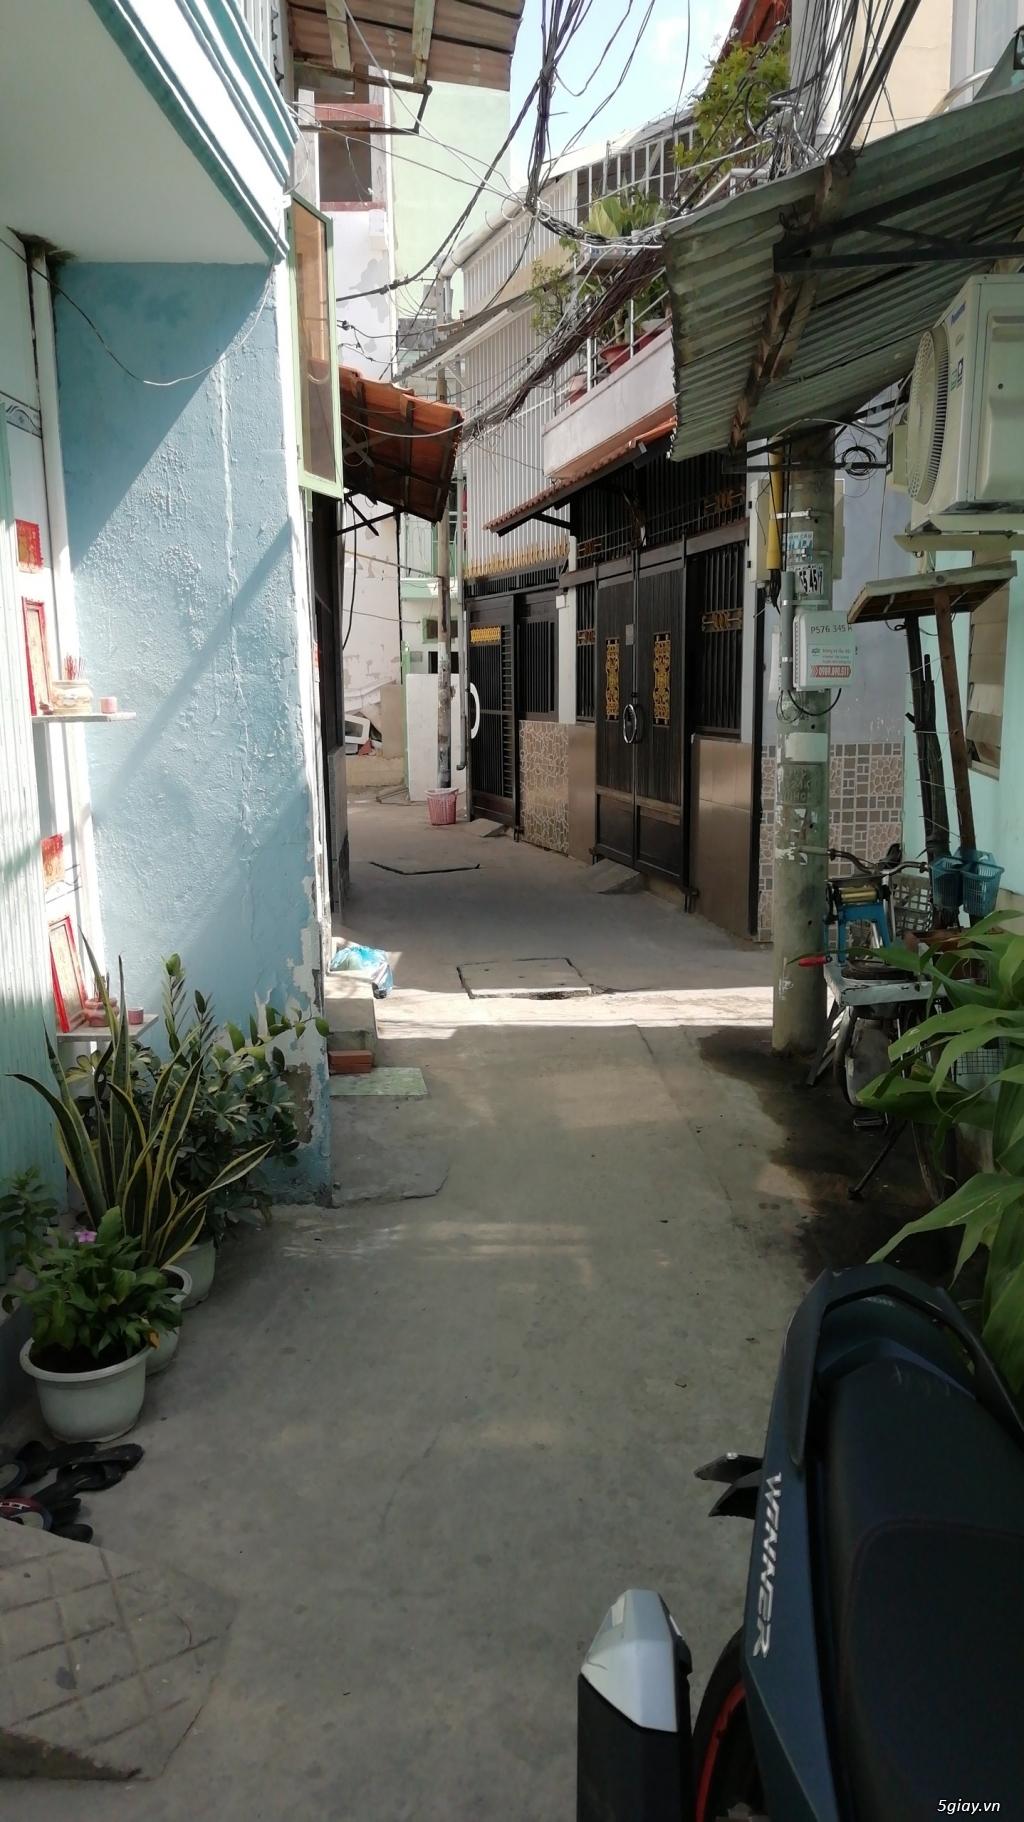 Bán nhà hẻm 861 Trần Xuân Soạn SHR chính chủ - 3